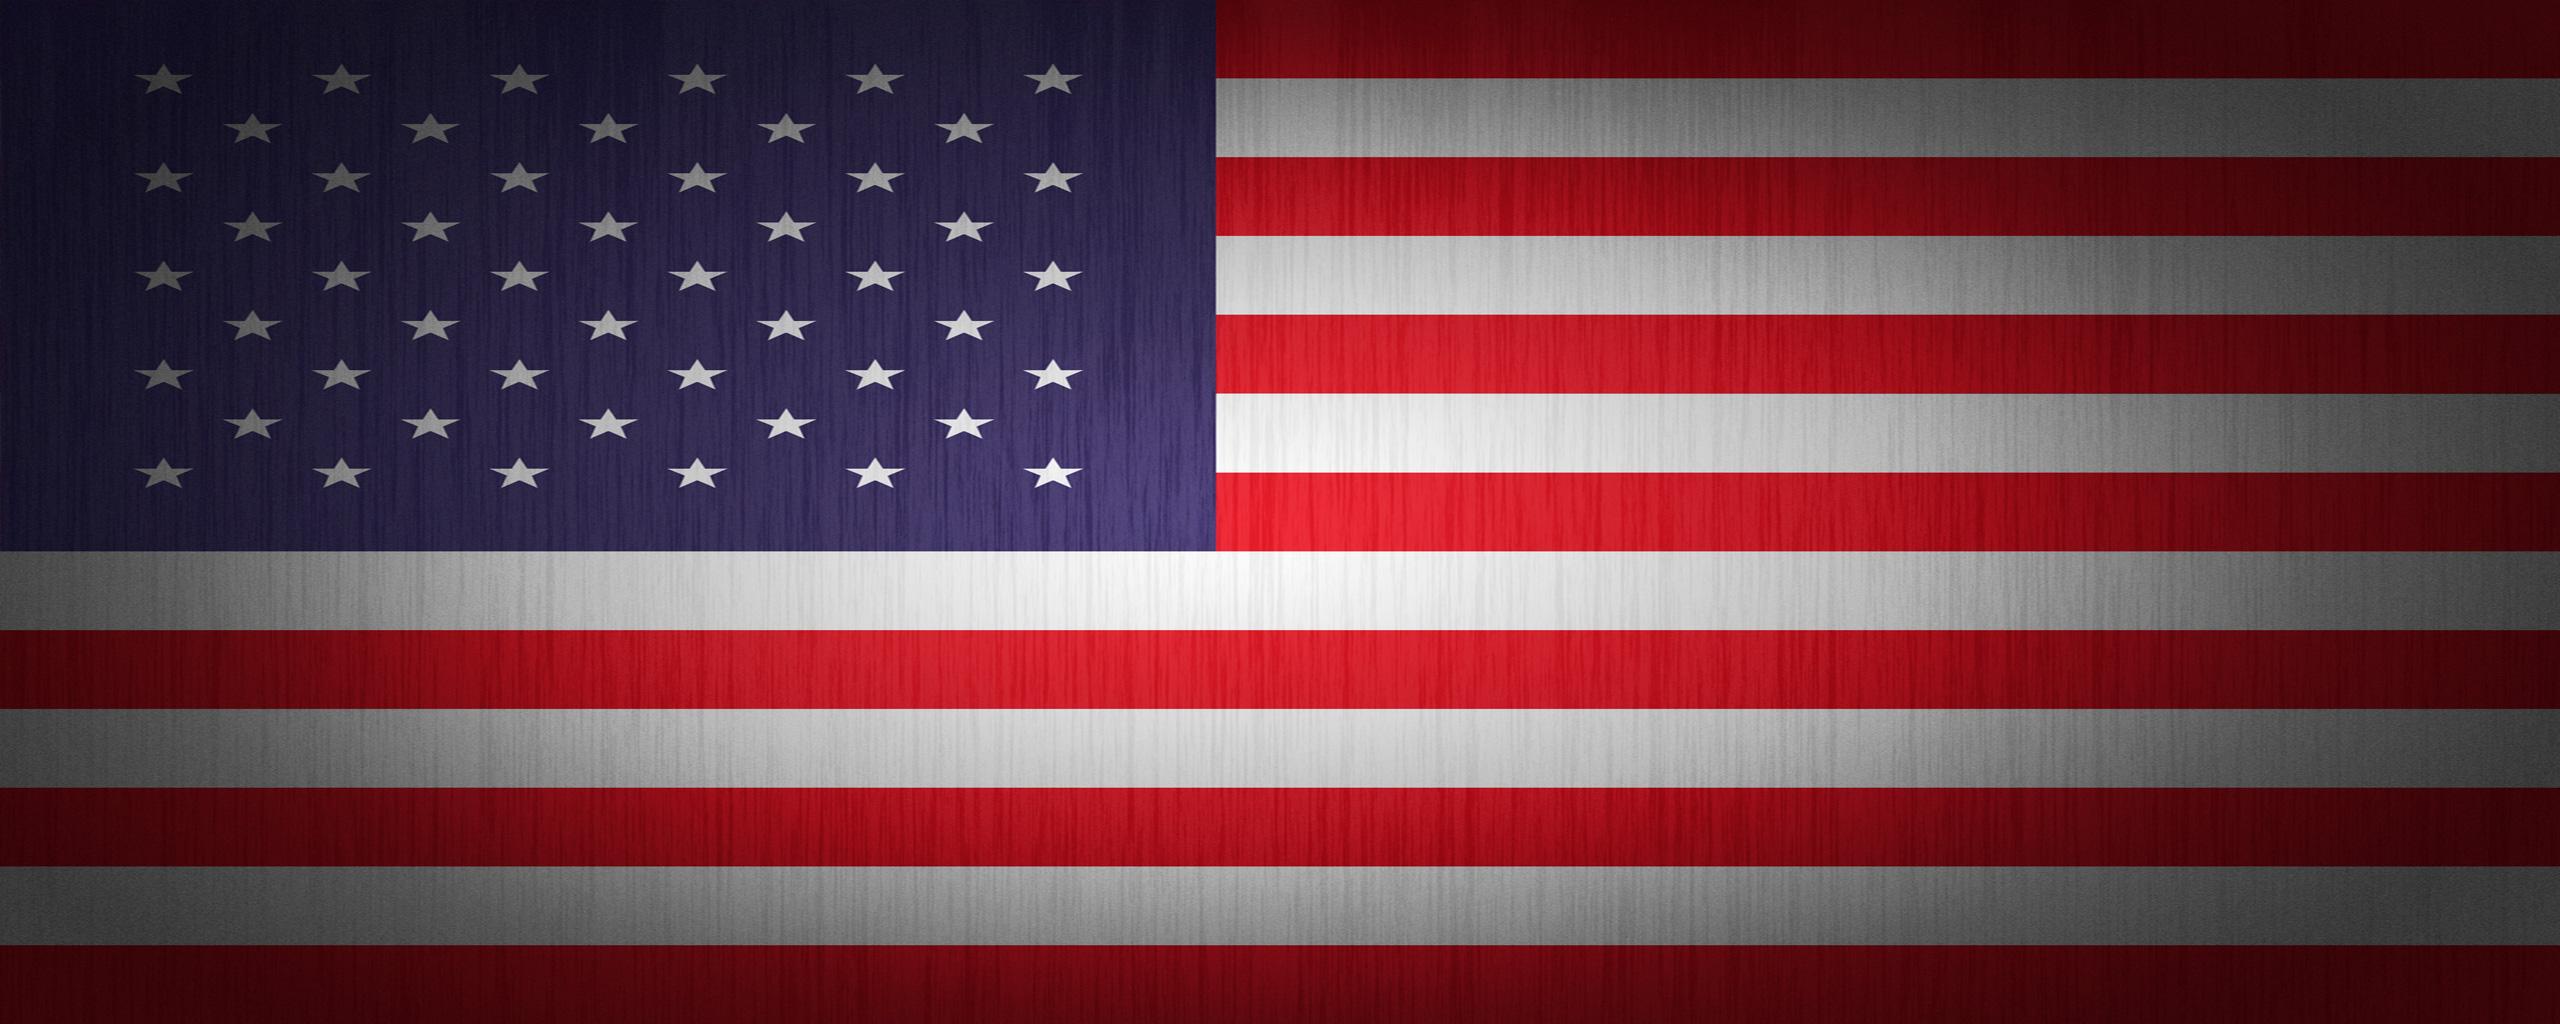 american flag desktop wallpaper